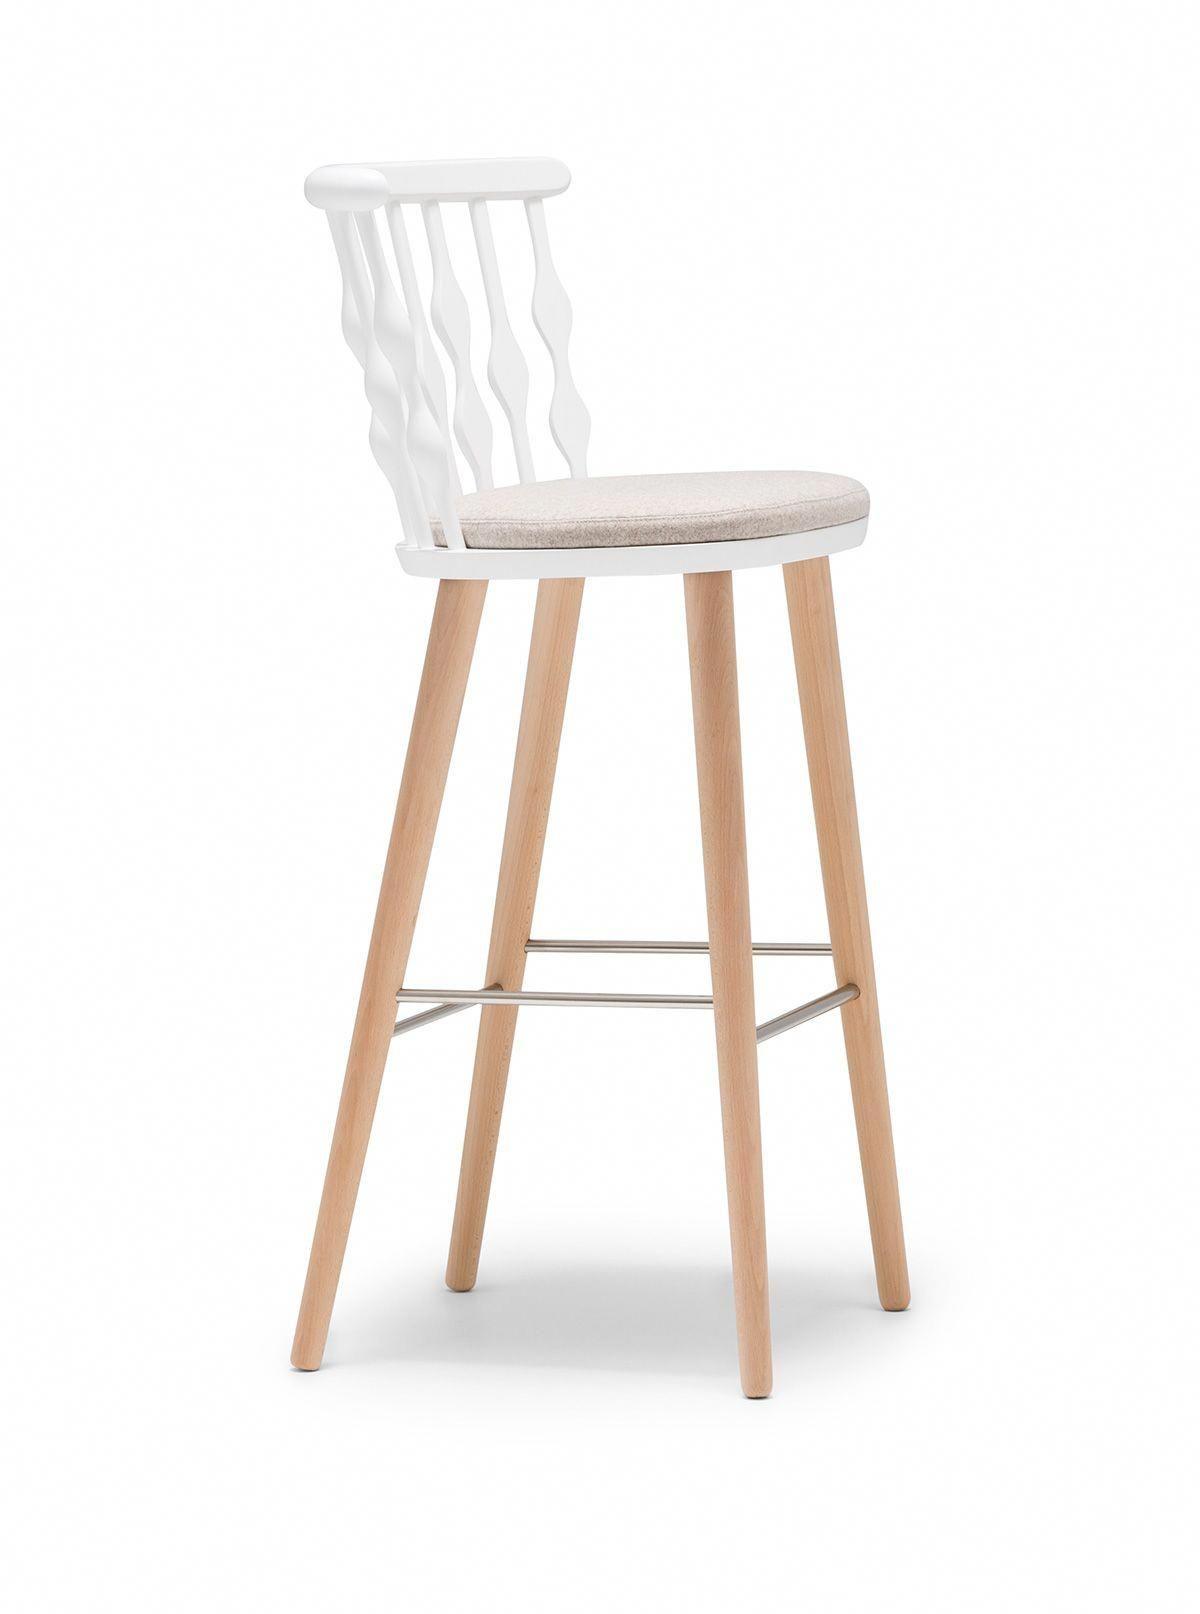 Nub Patricia Urquiola Cuddlerchair Beach Lounge Chair